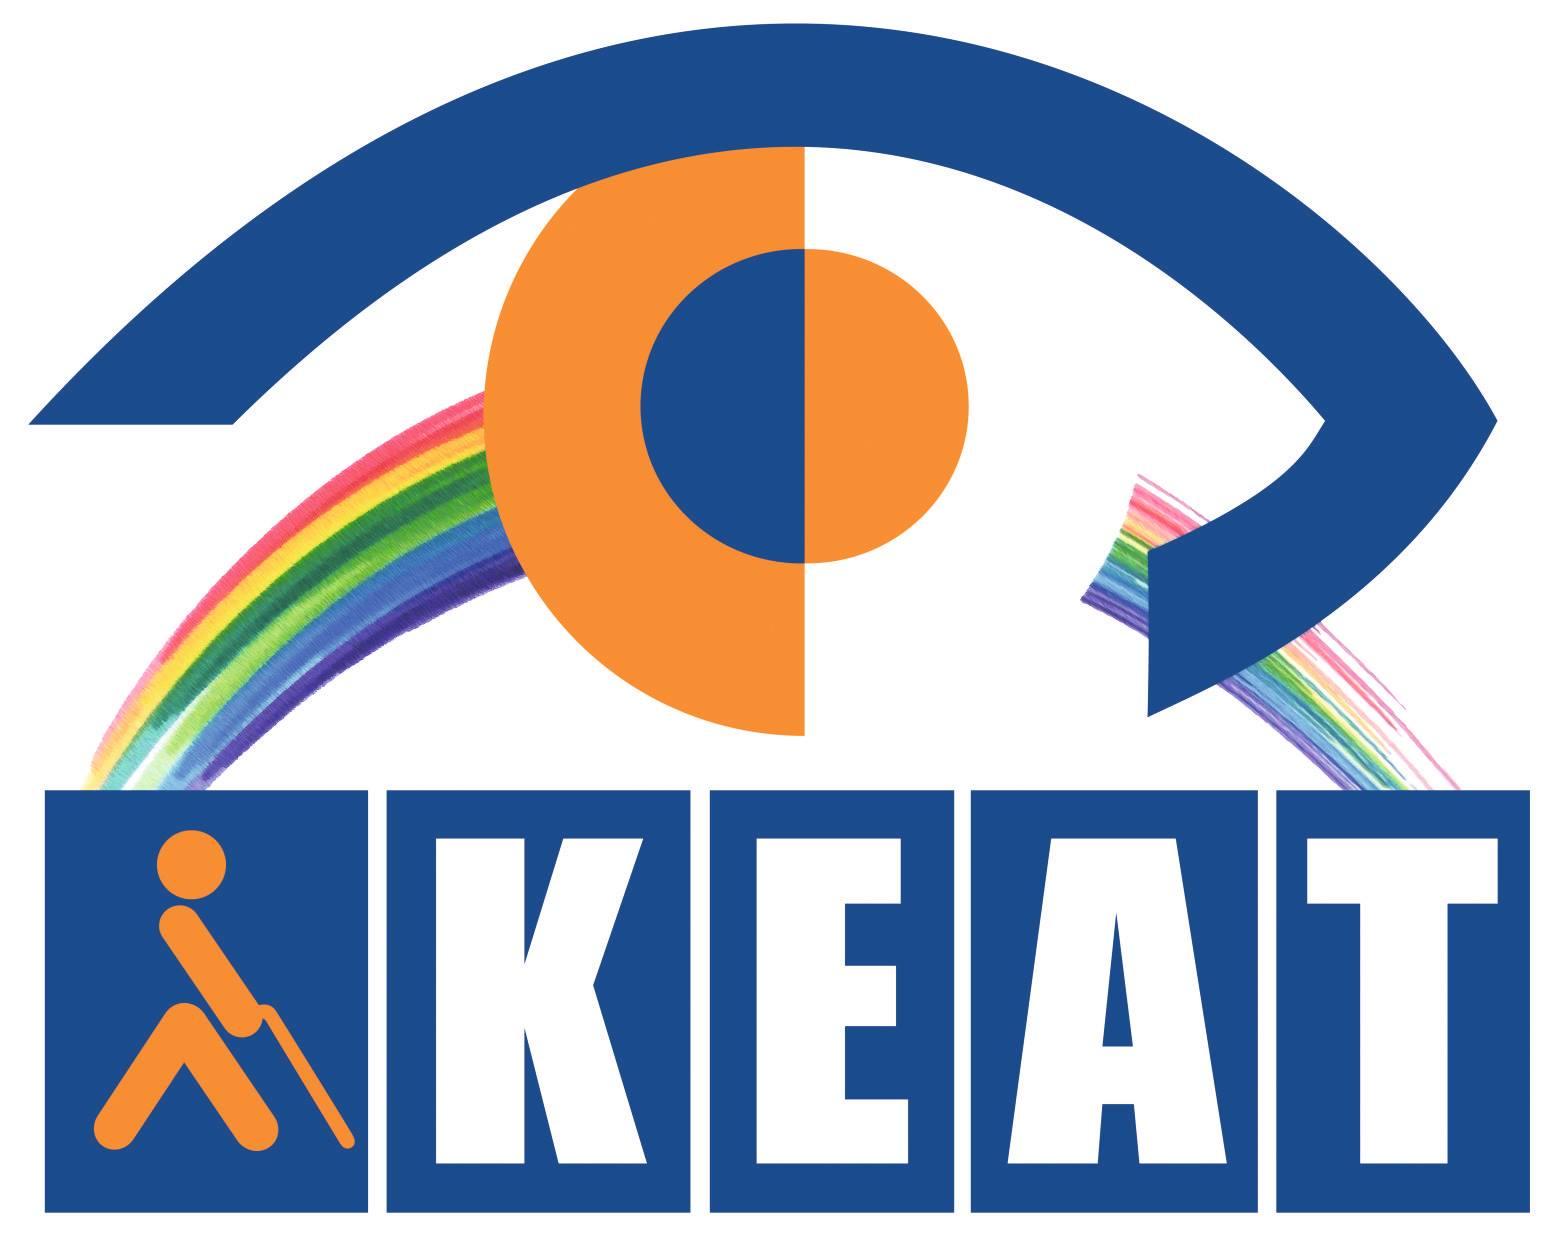 Λογότυπο για το Κέντρο Εκπαίδευσης και Αποκατάστασης Τυφλών (Κ.Ε.Α.Τ.).